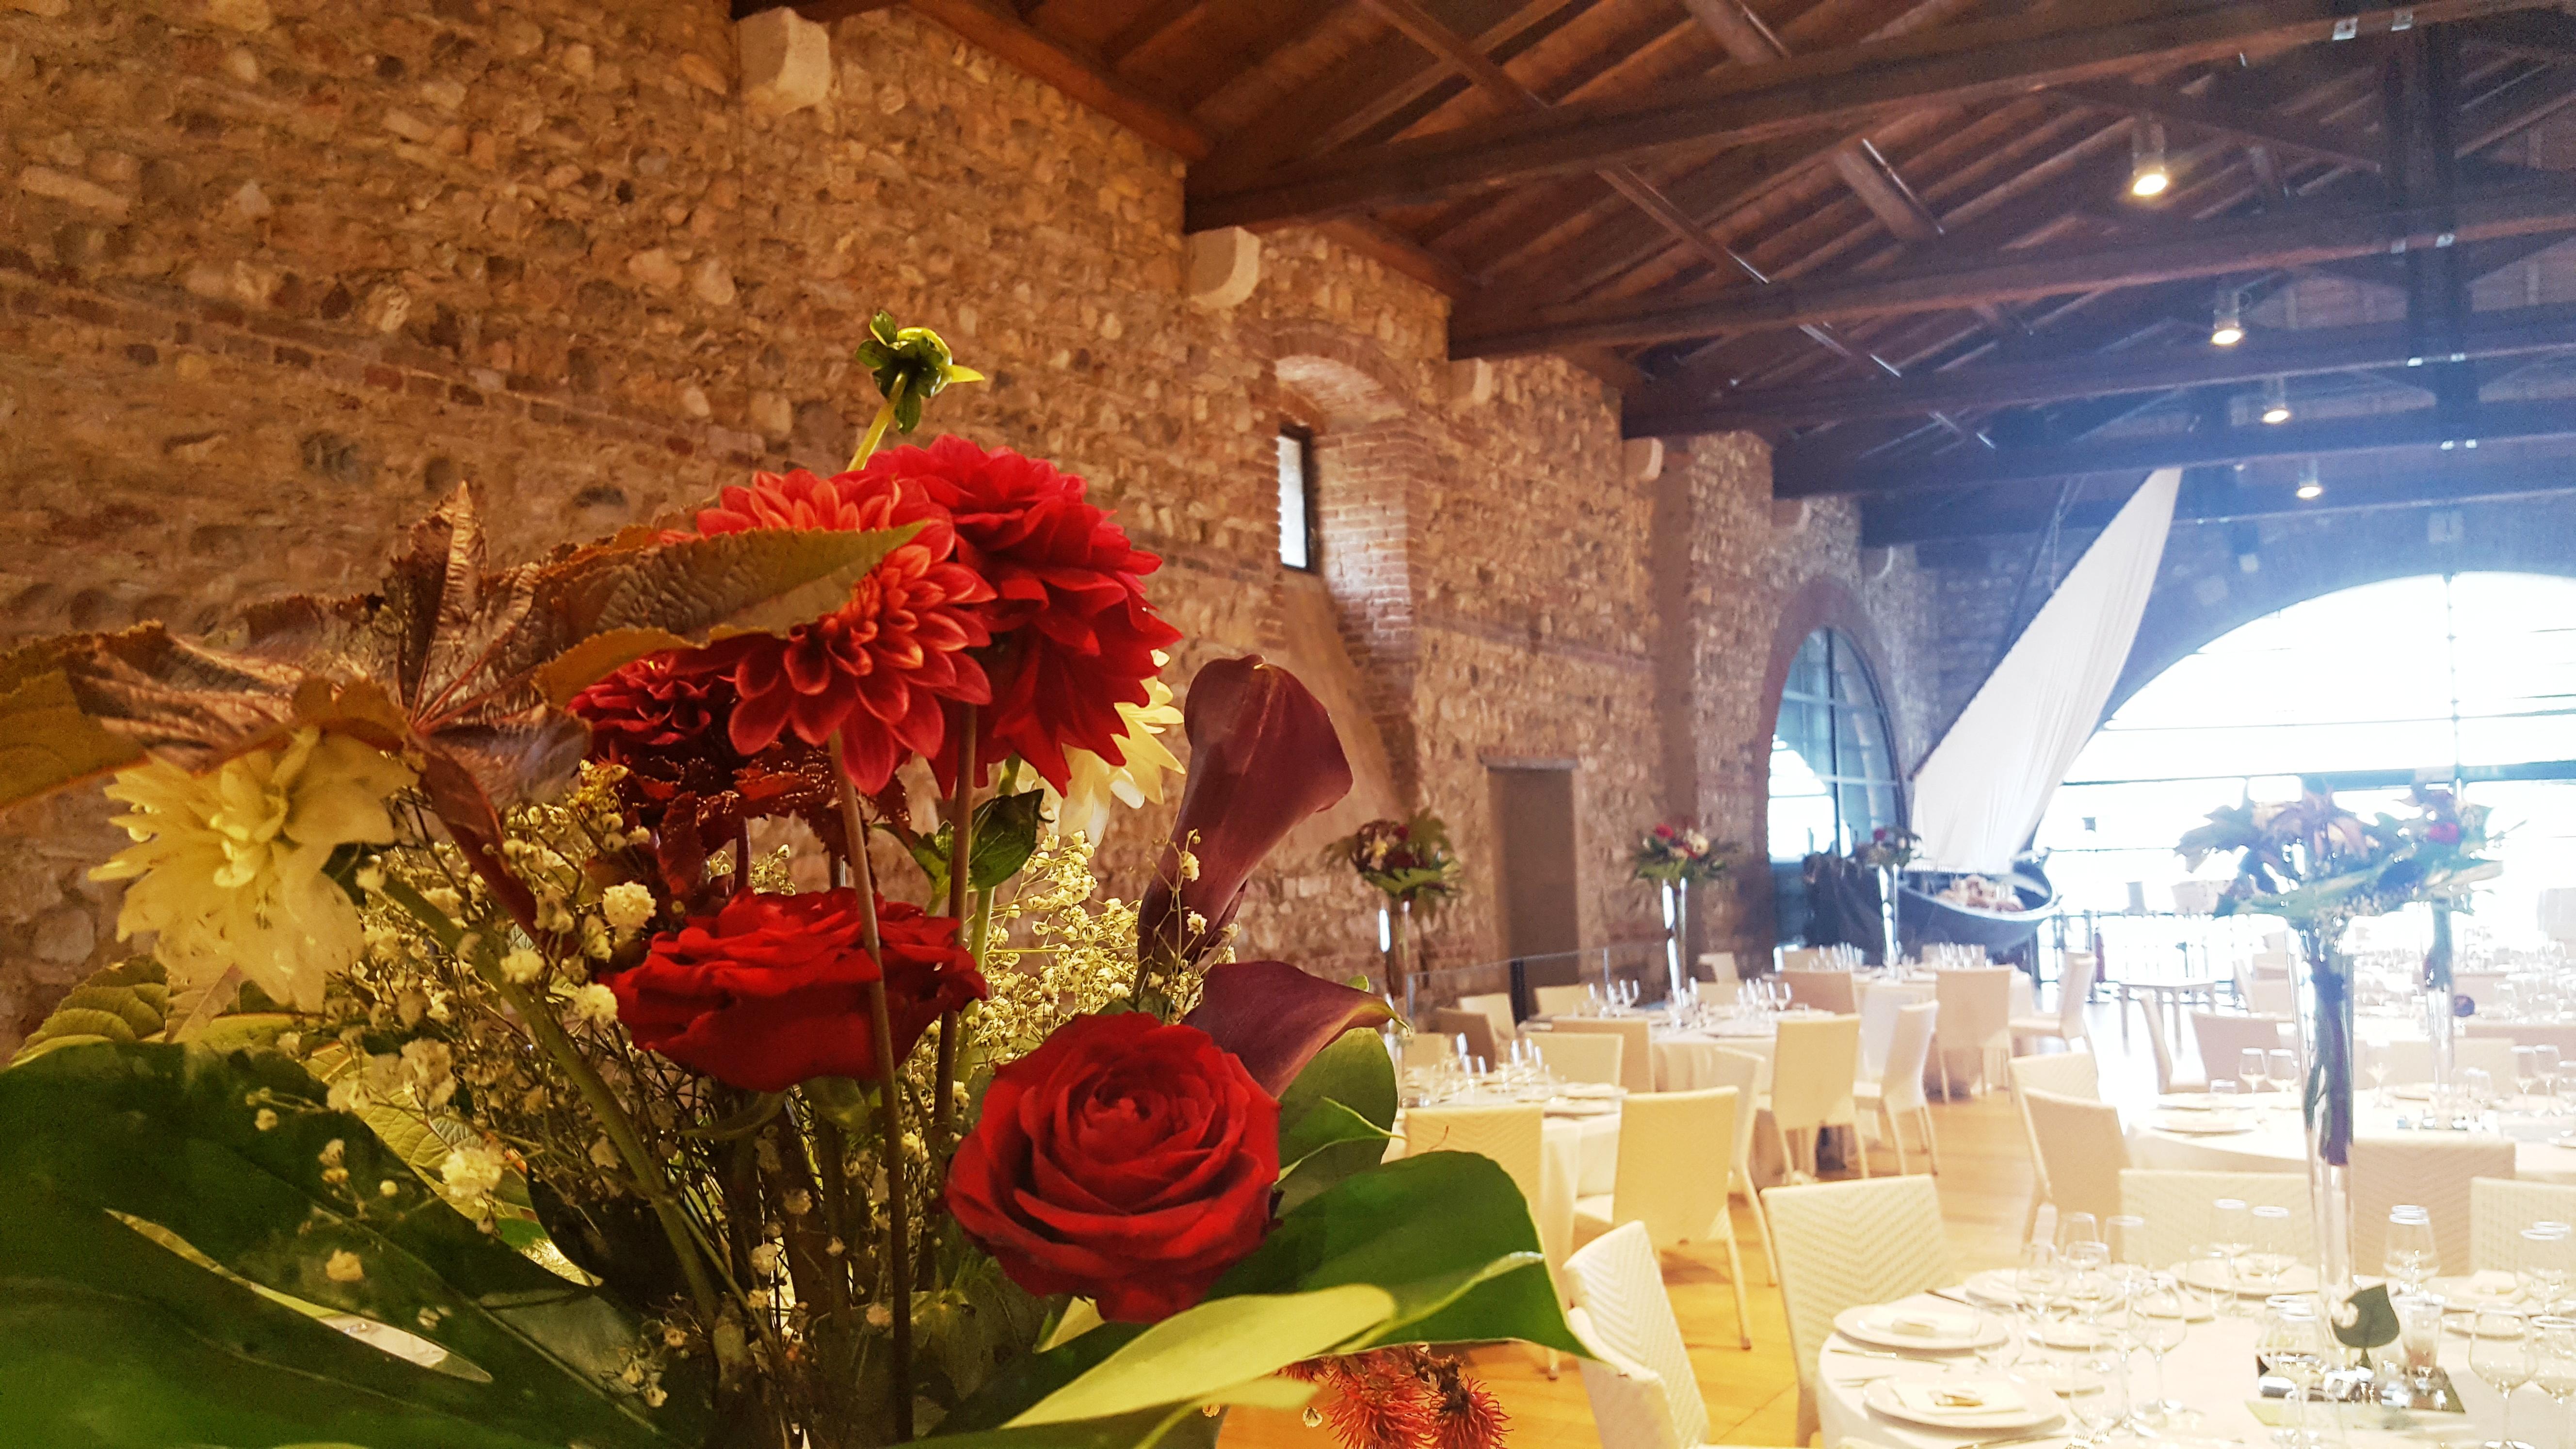 Matrimonio In Autunno : Matrimonio in autunno consigli e allestimenti